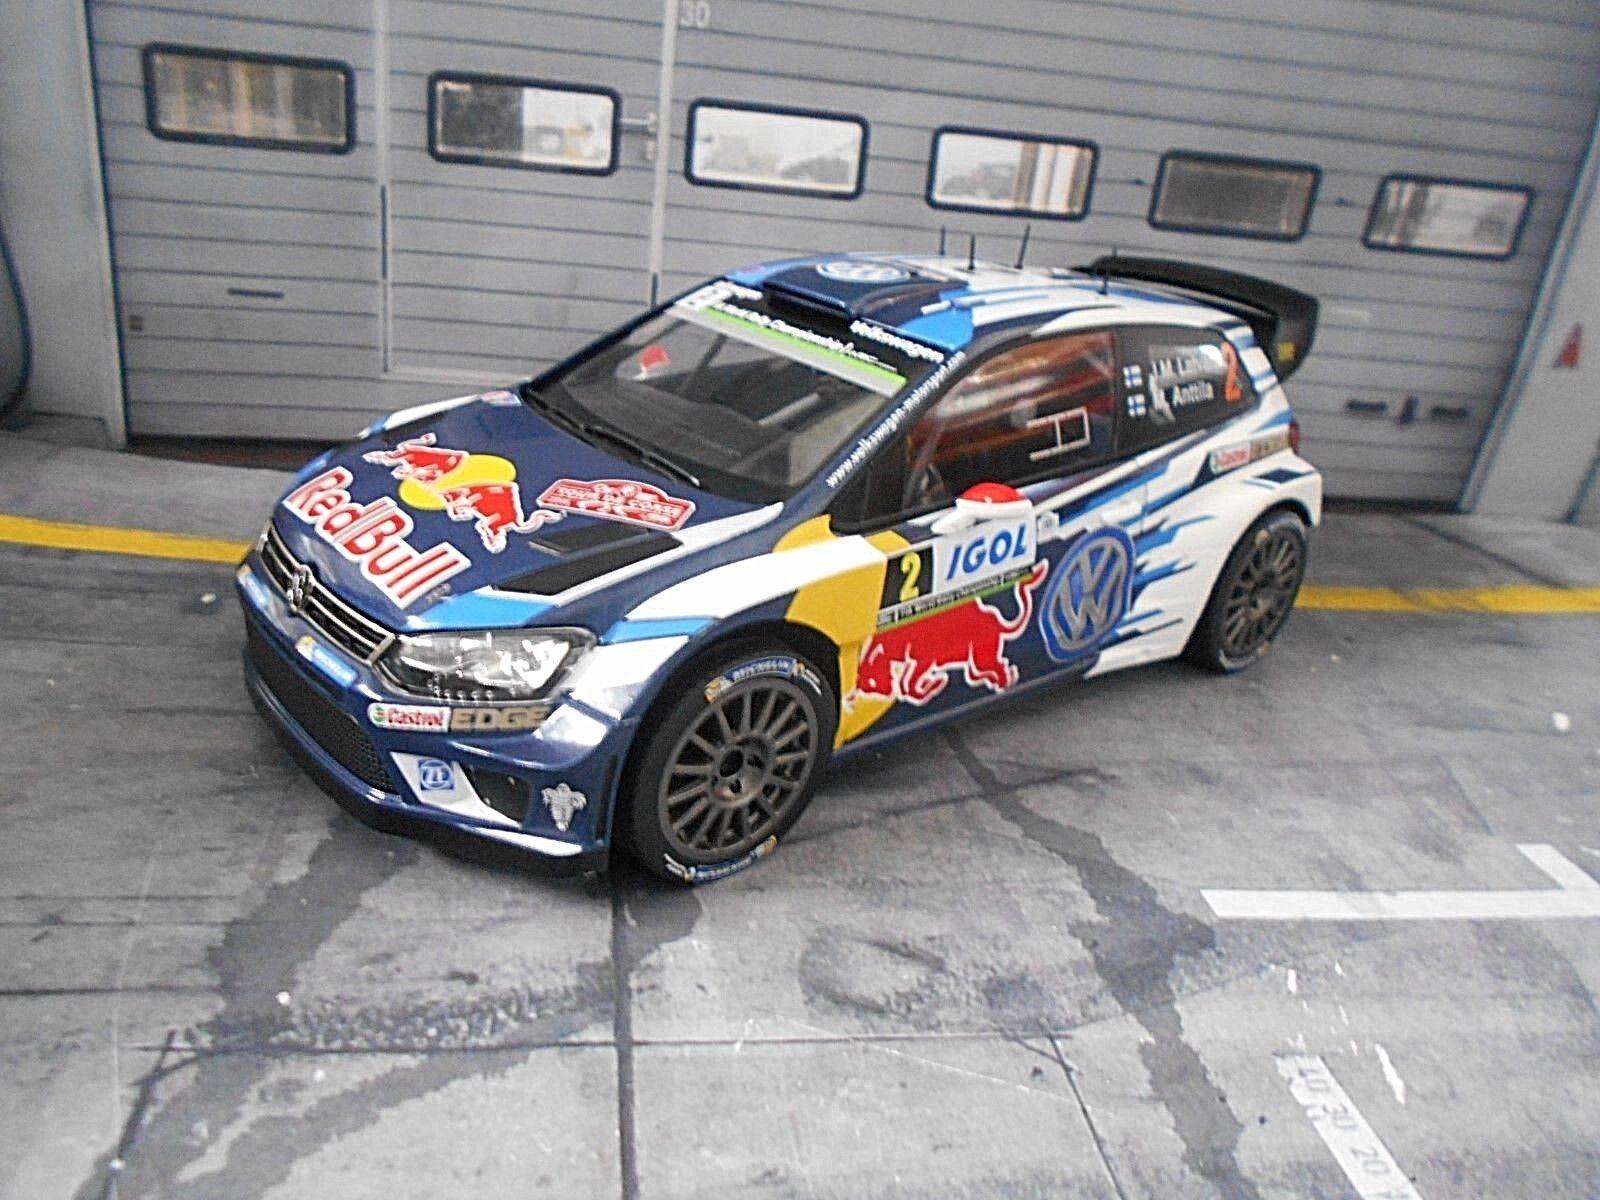 VW Volkswagen Polo WRC 2016 Latvala Rally Tour de Corse TDC R Bull Ixo 1 18